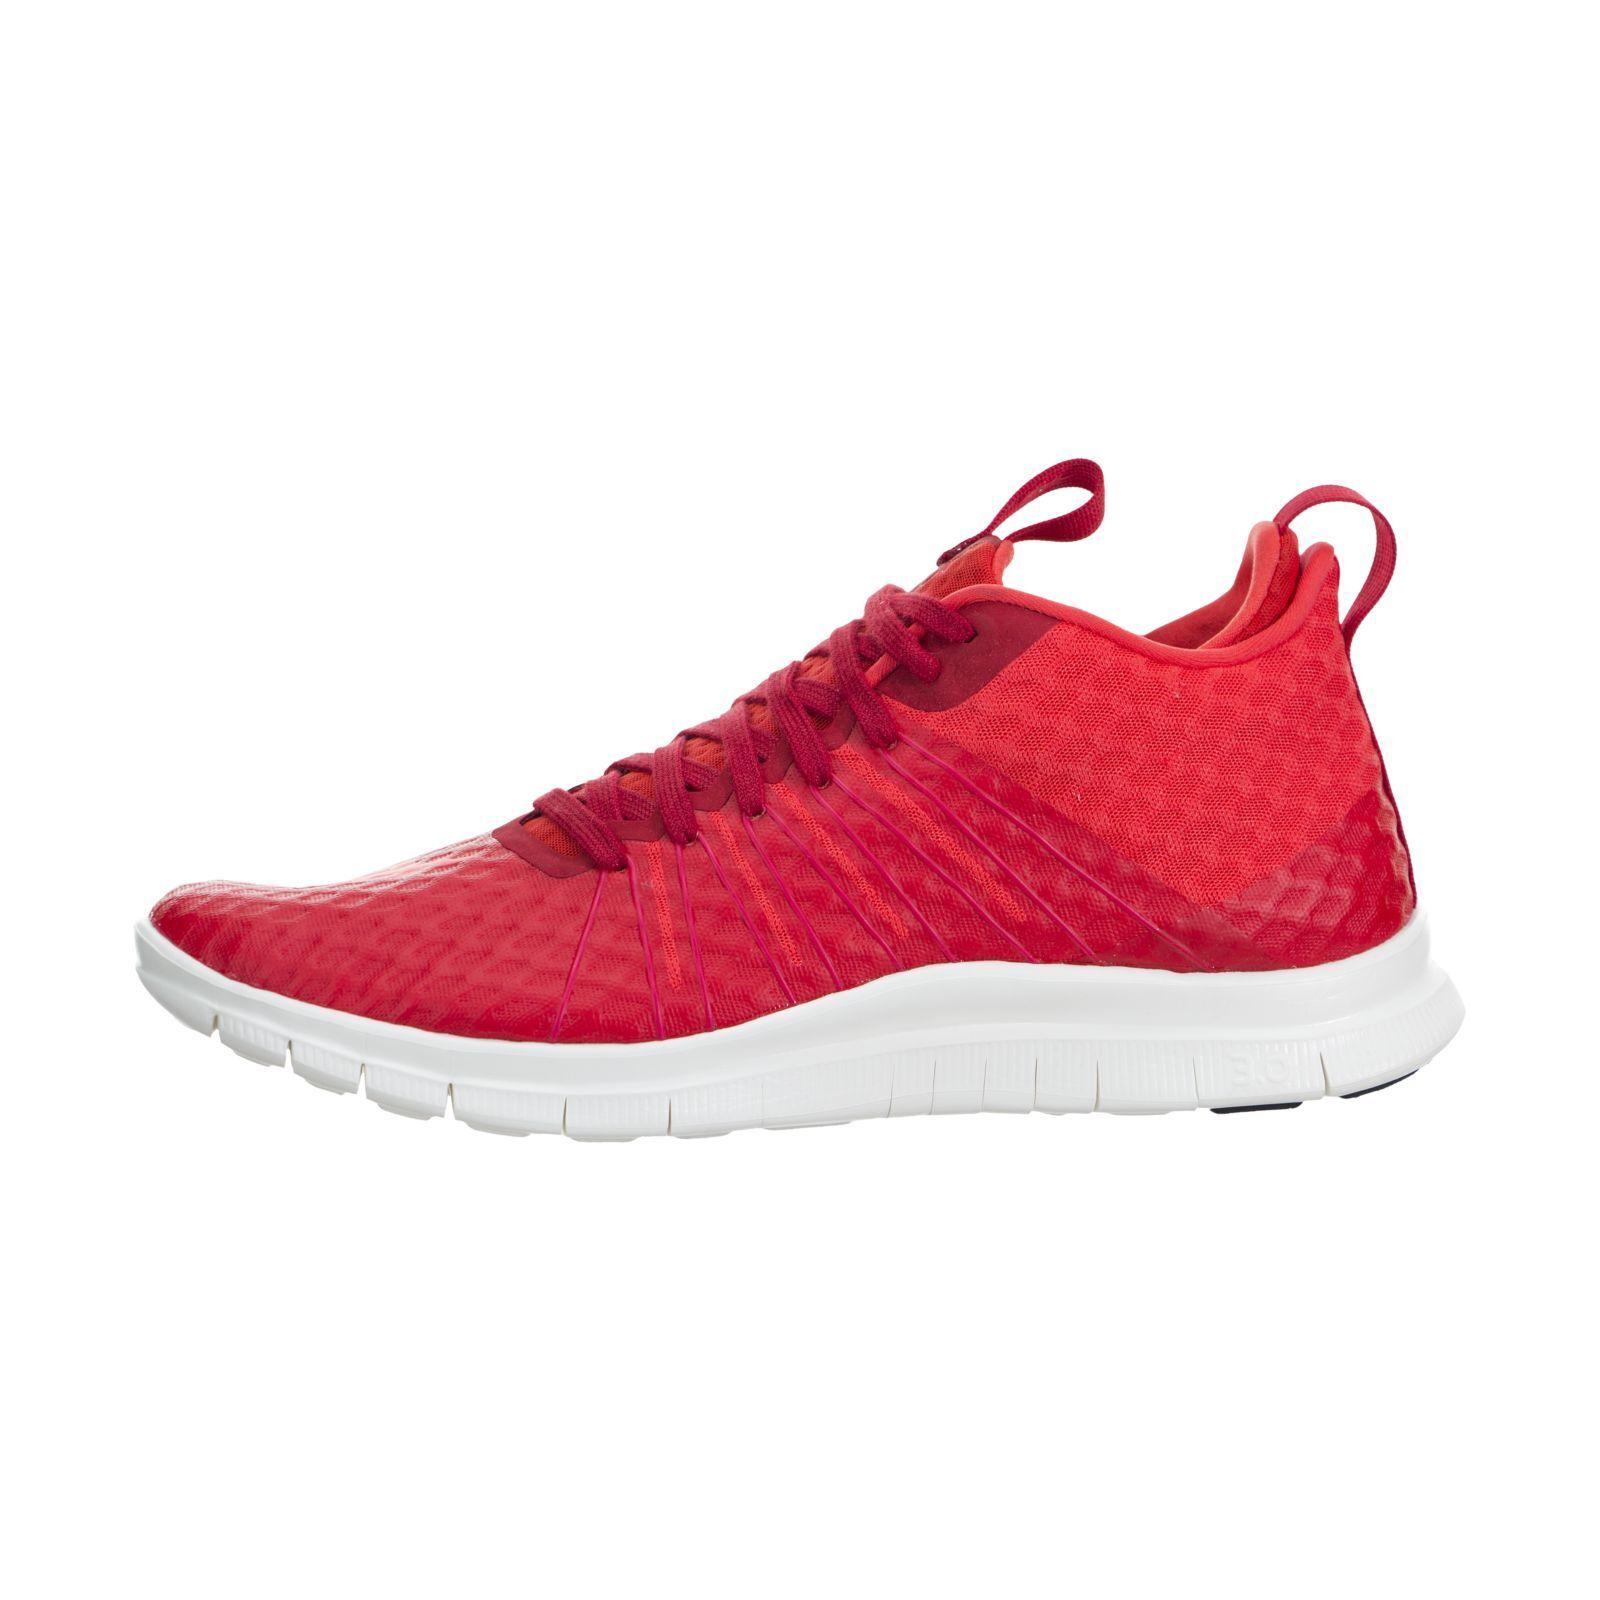 Nike Free Hypervenom 2 FS 805890-600